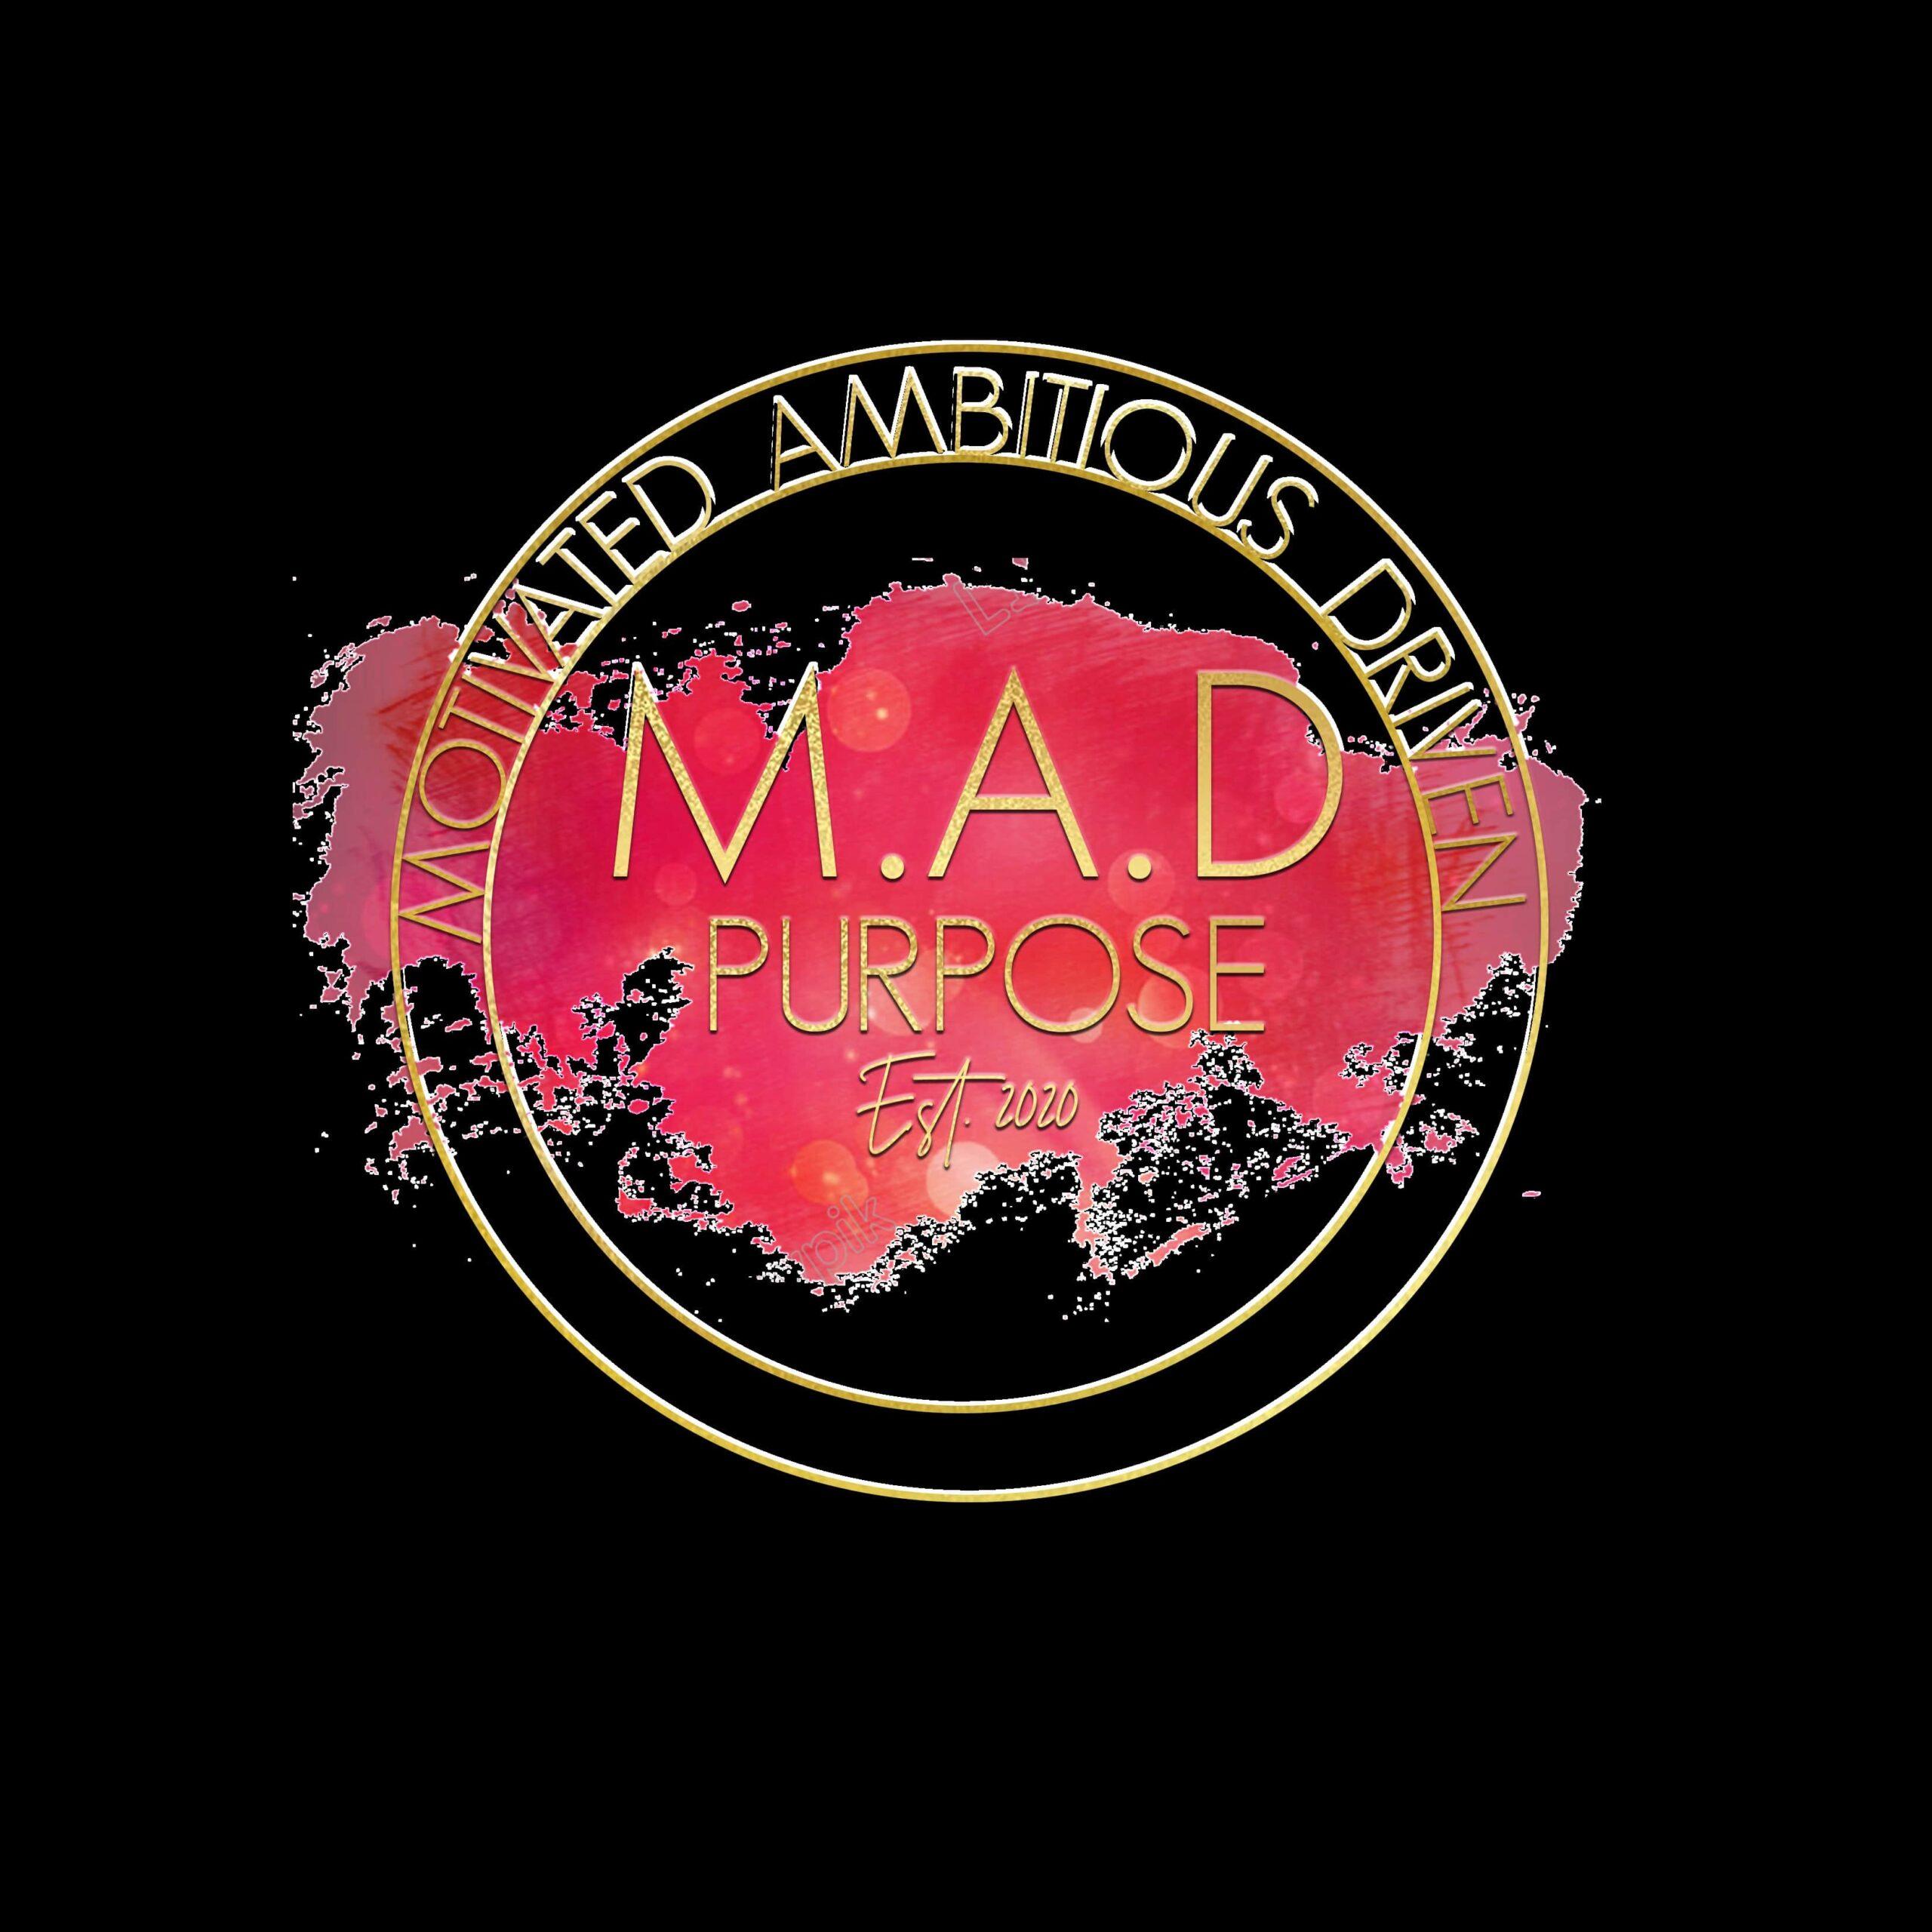 Madd Purpose